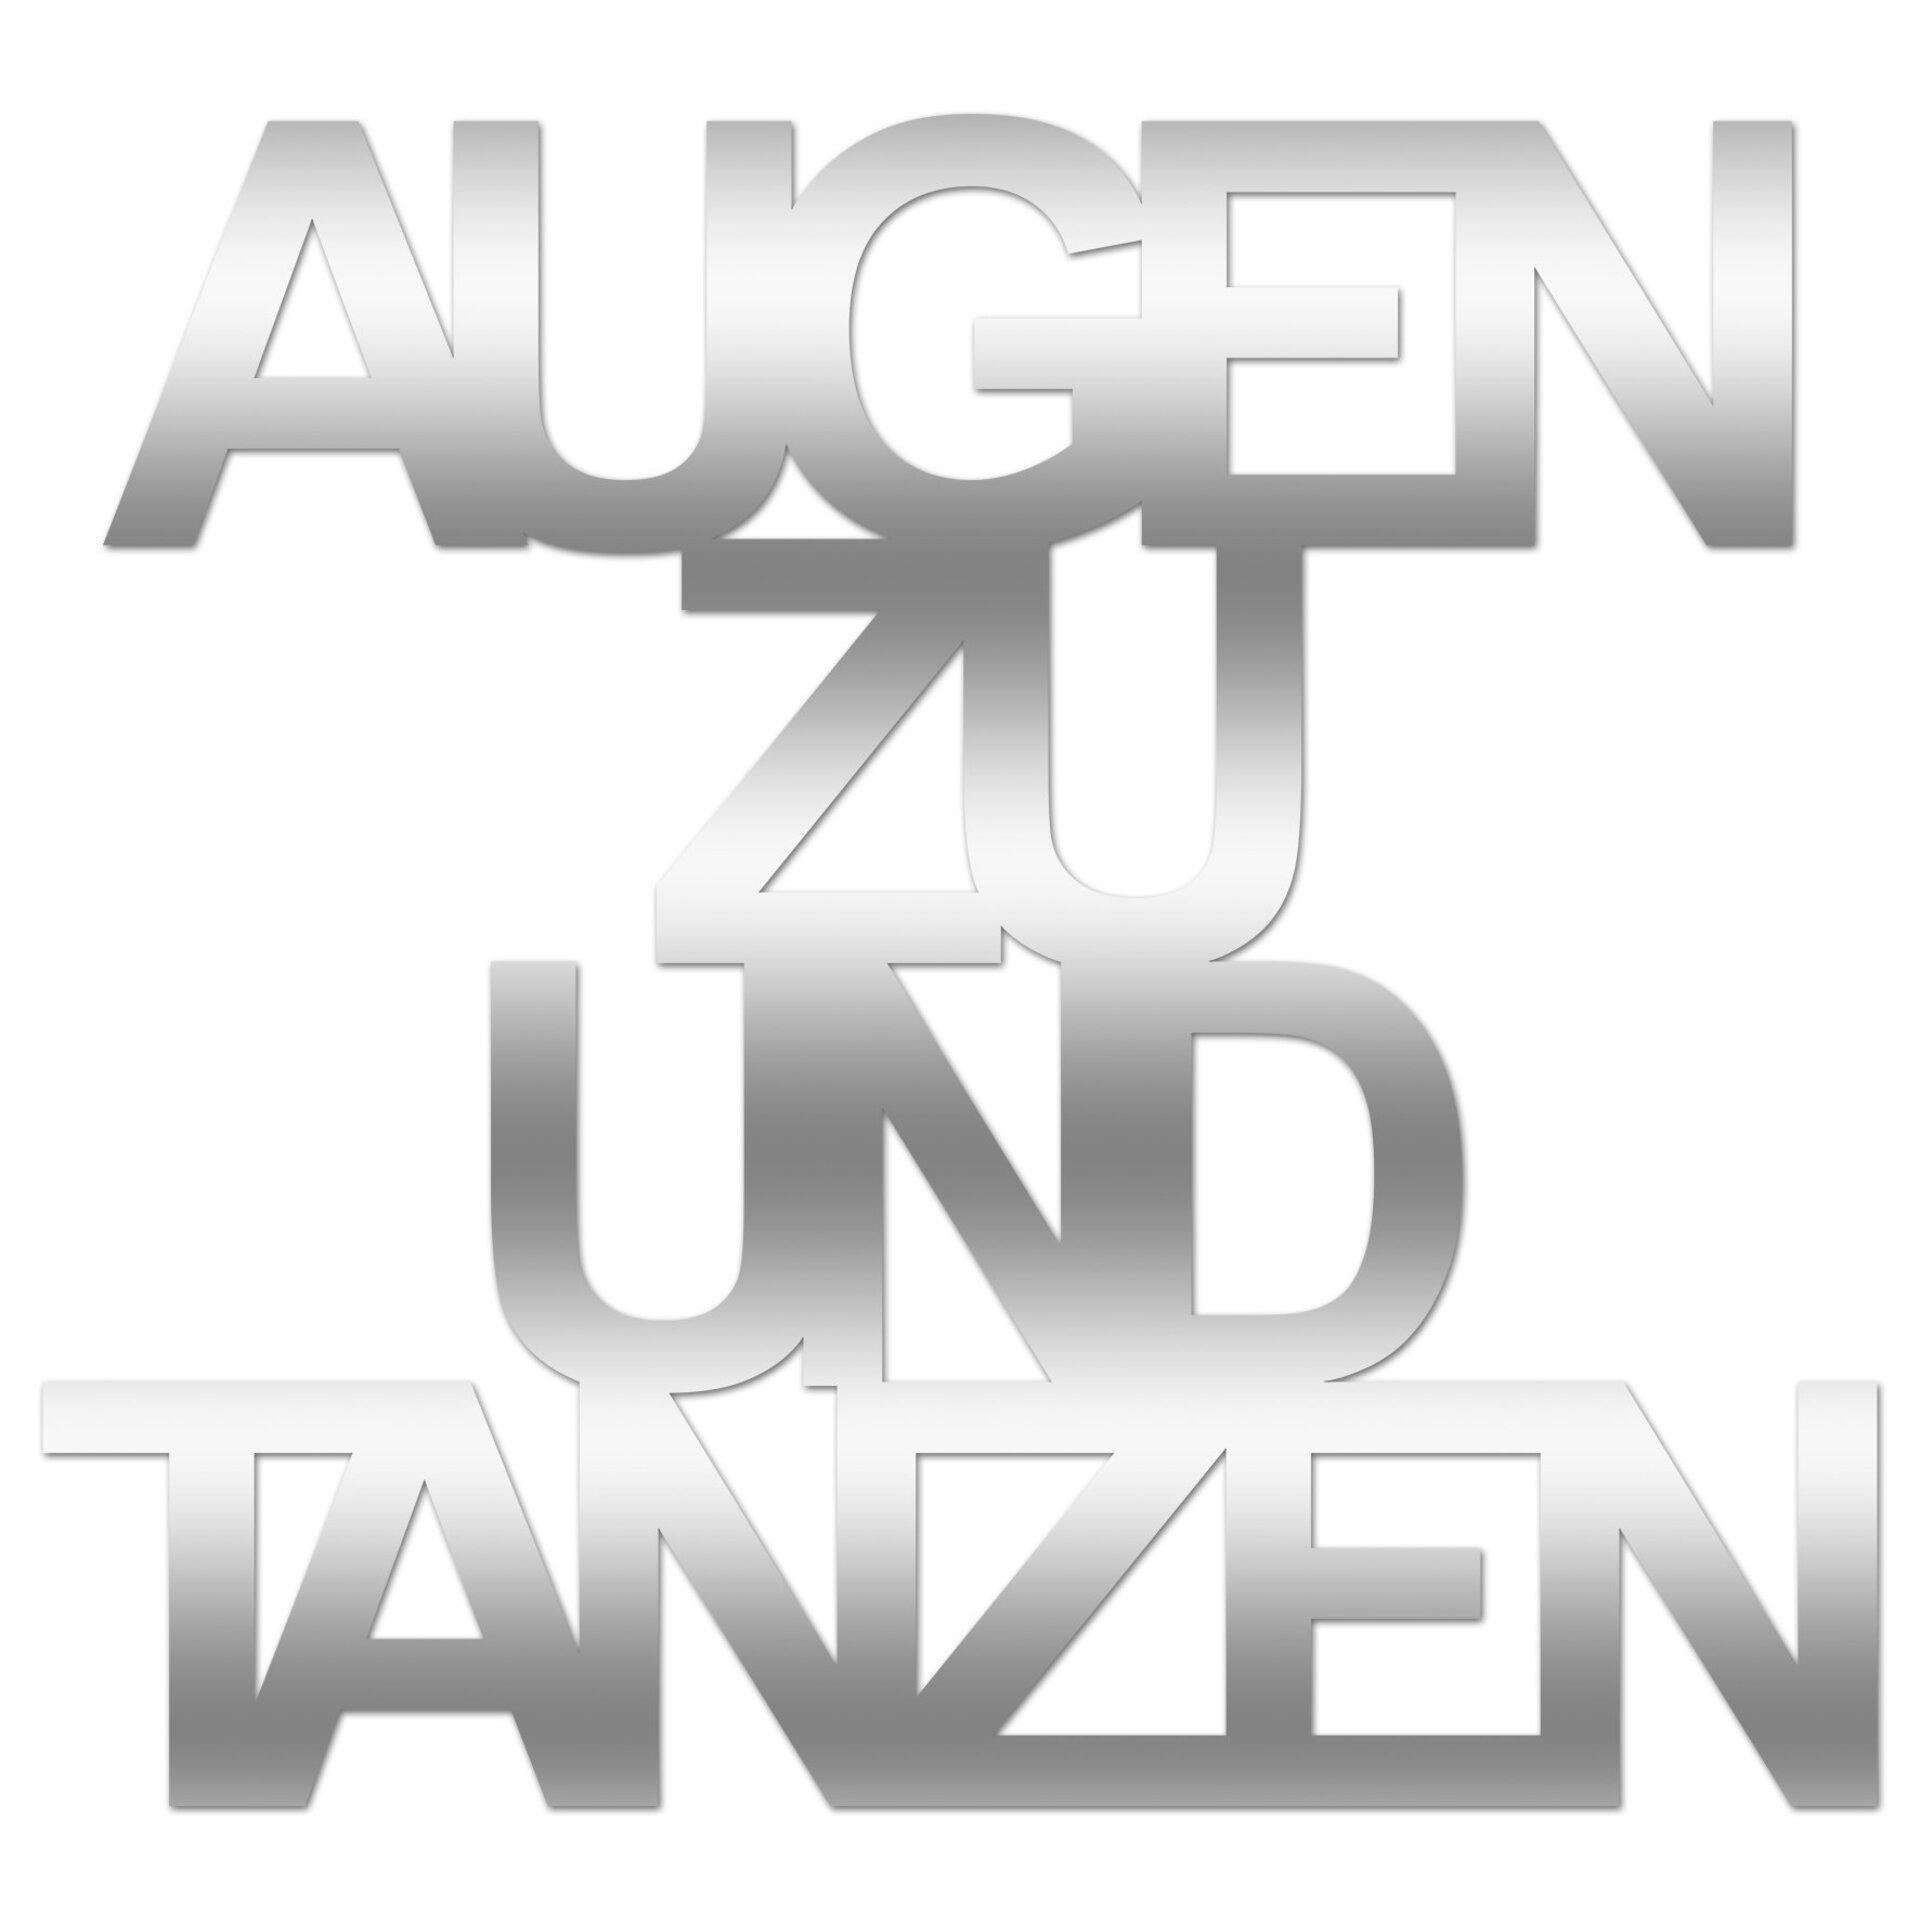 Bild Augen Zu Und Tanzen Pro-Art Kunststoff 50 x 50 x